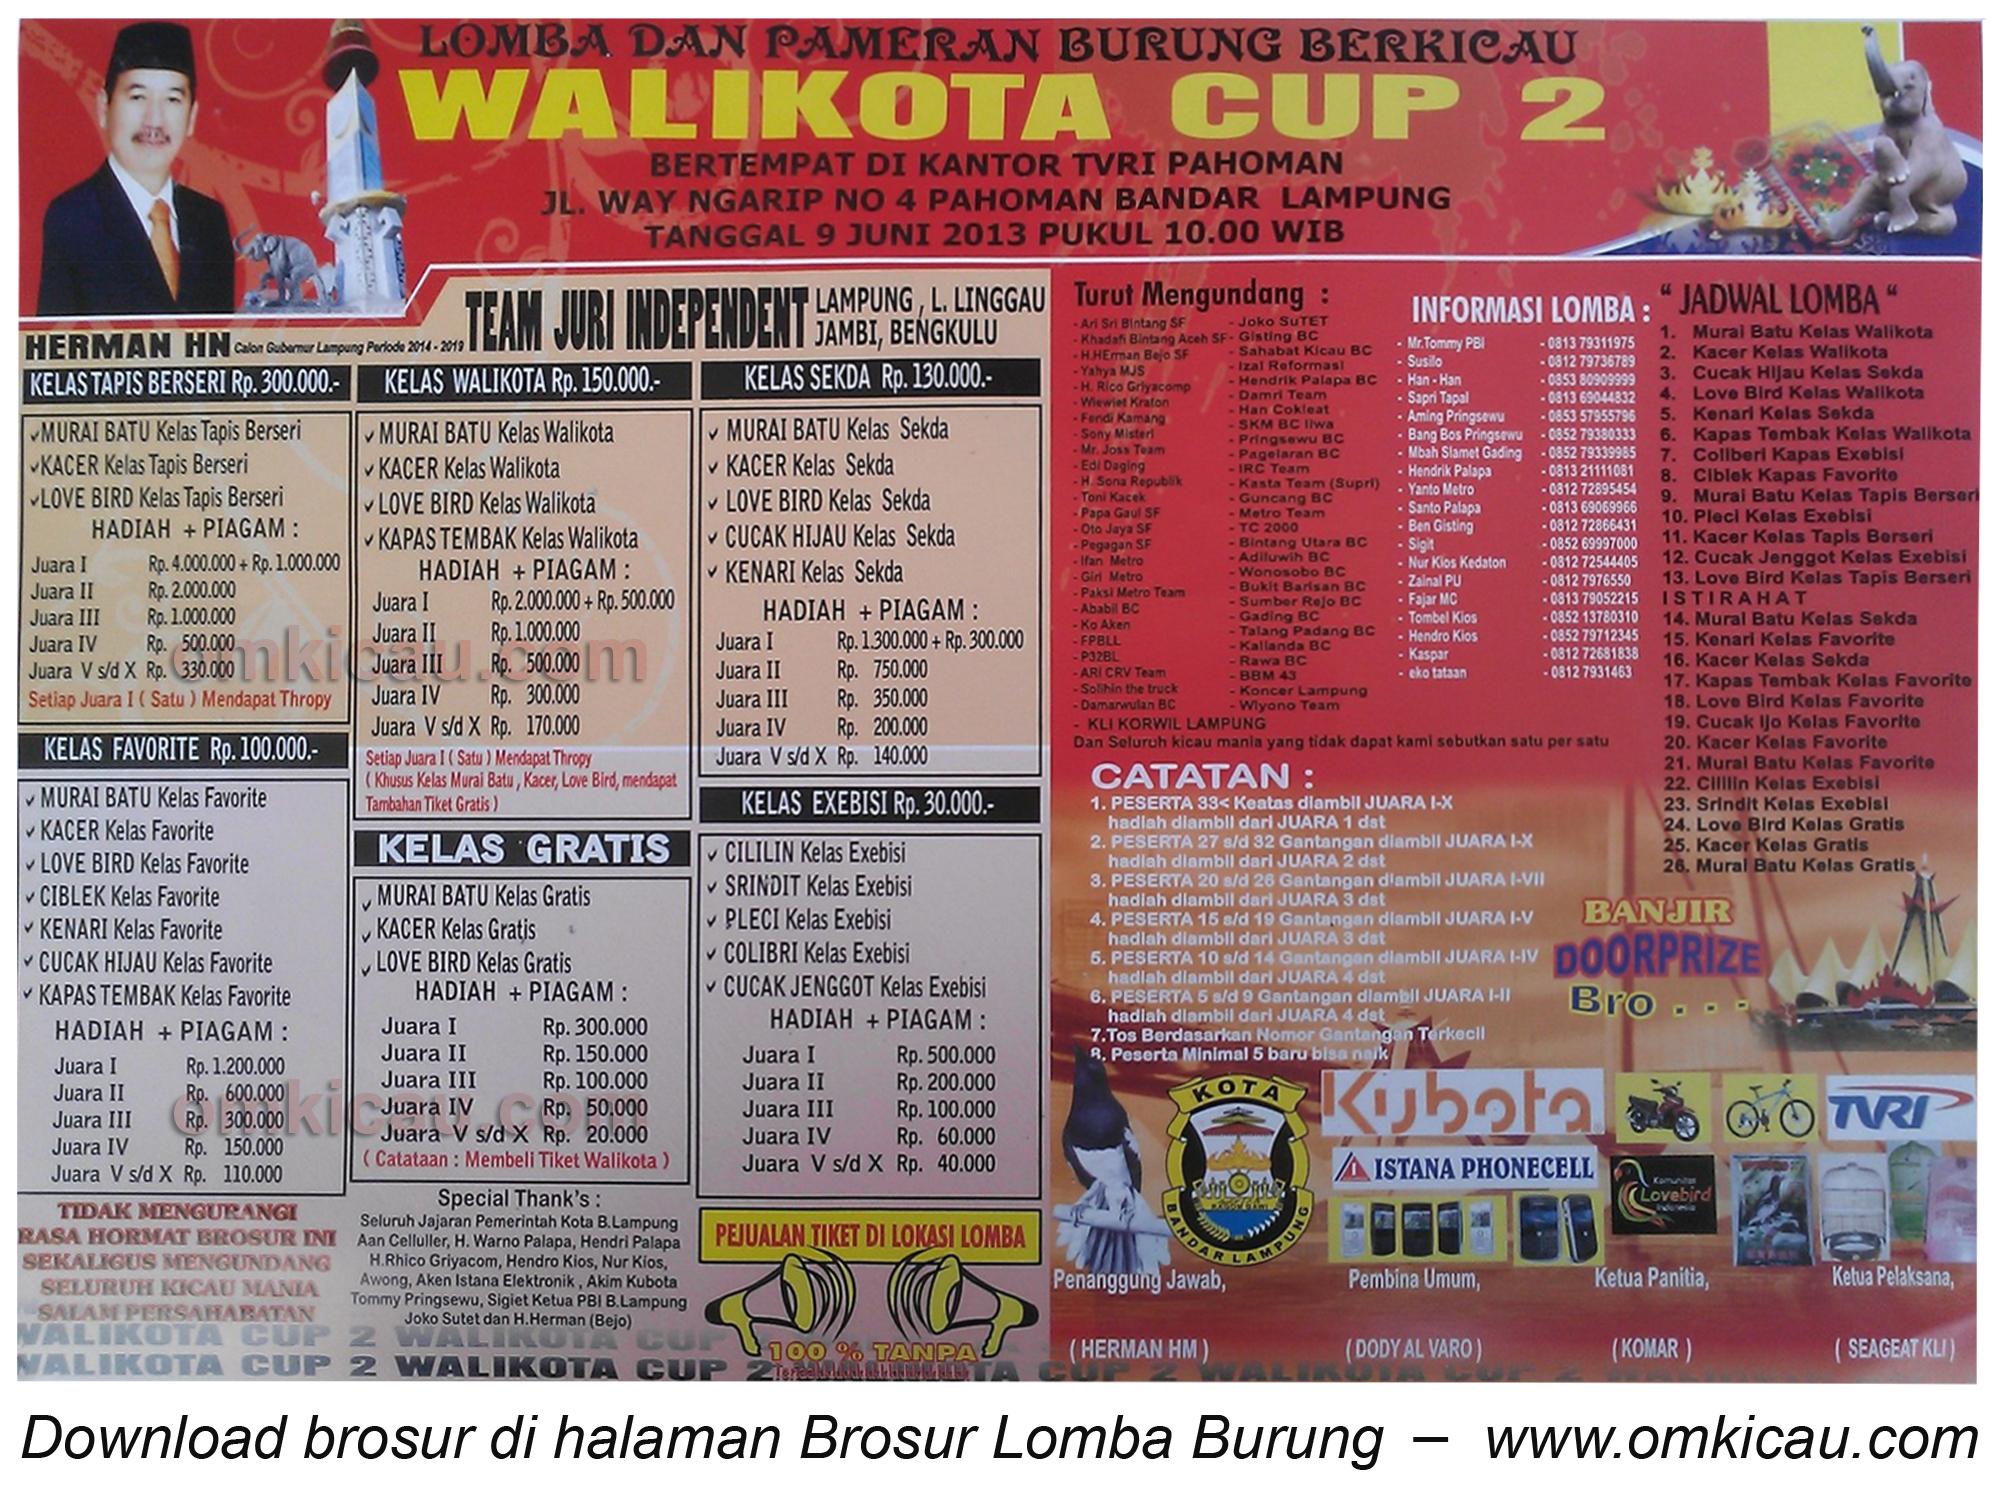 Brosur Lonba Burung Wali Kota Cup 2 Bandar Lampung - 9 Juni 2013